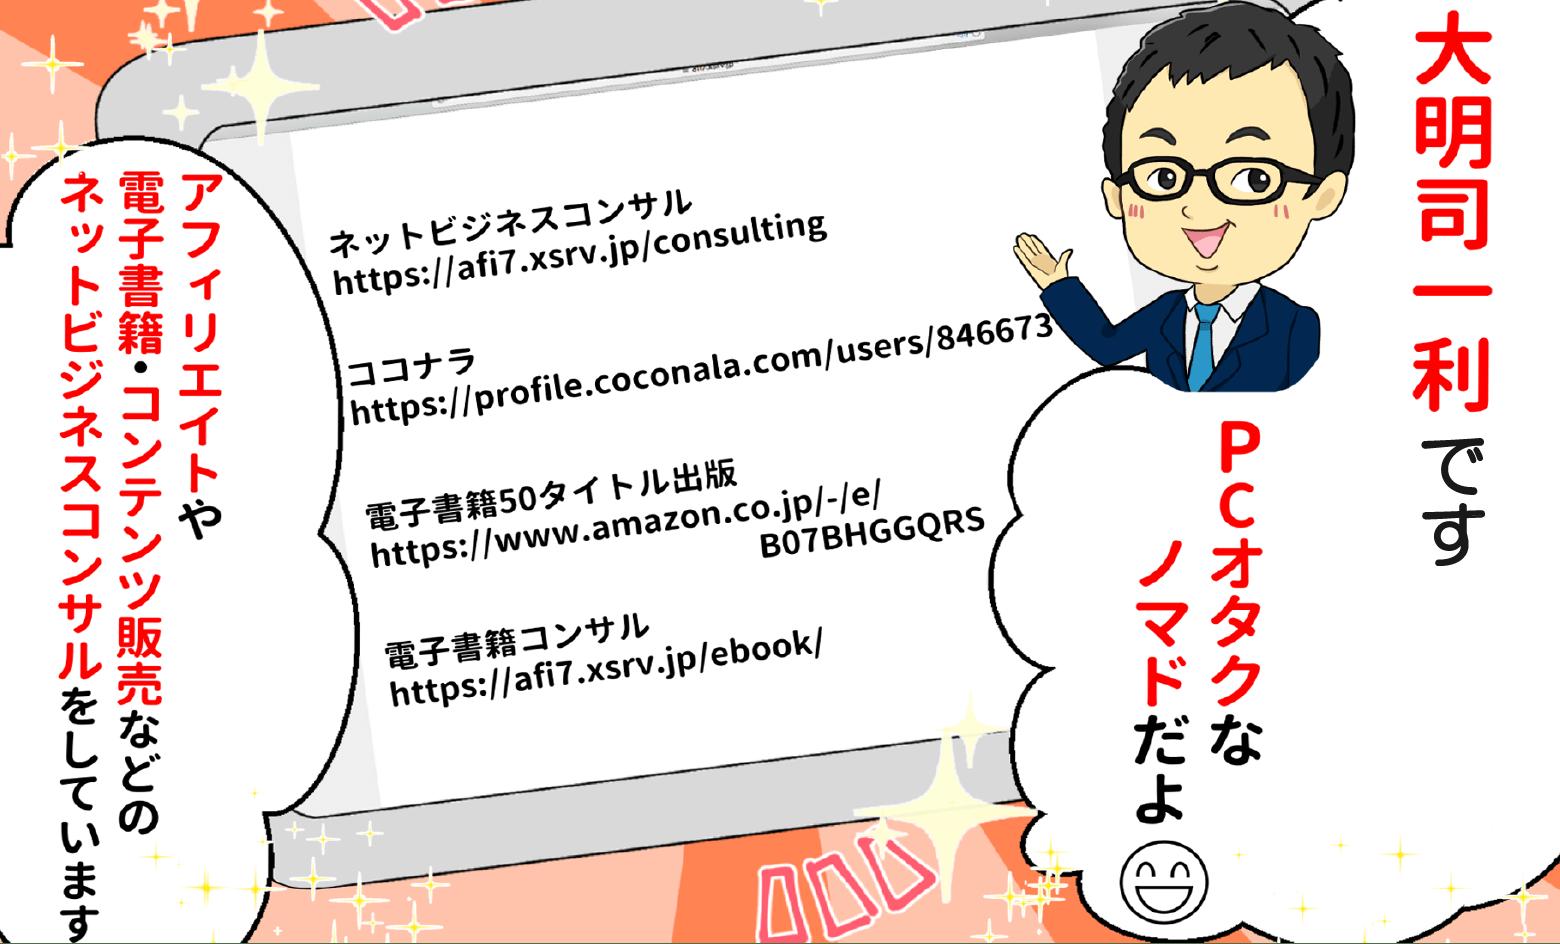 大明司一利アフィリエイトコンサルタント名刺